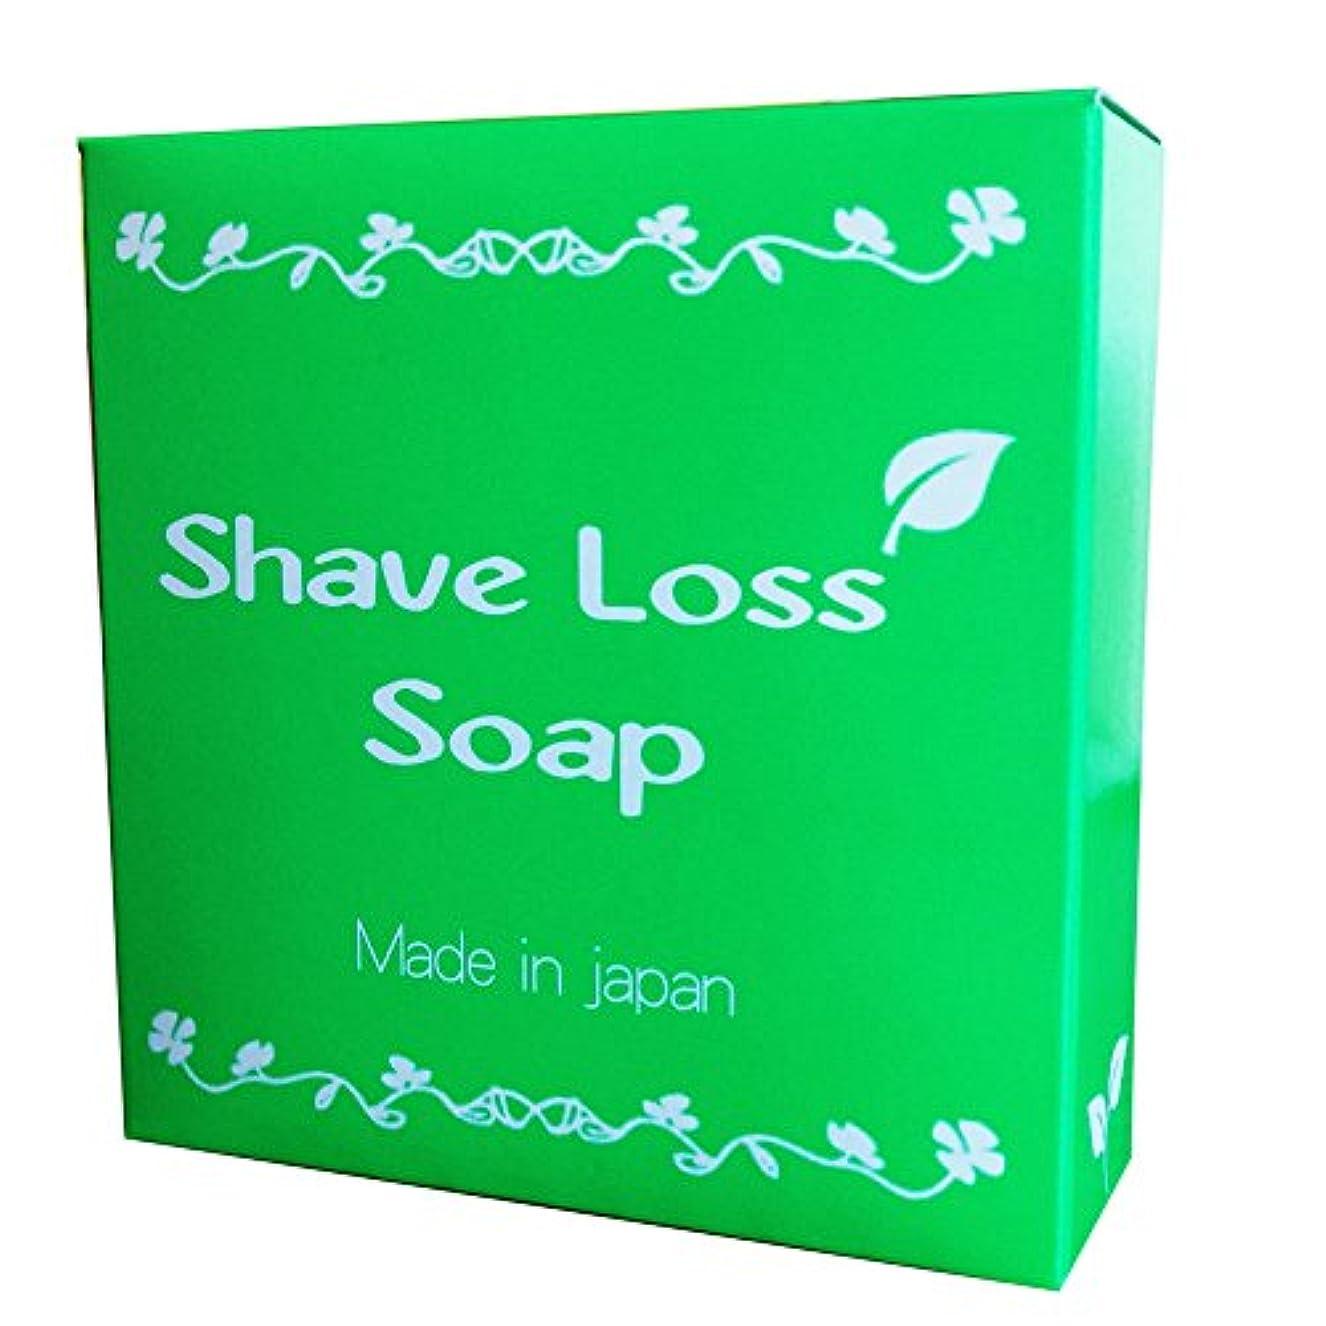 植生低いジャケットShave Loss Soap 女性のツルツルを叶える 奇跡の石鹸 80g (1個)